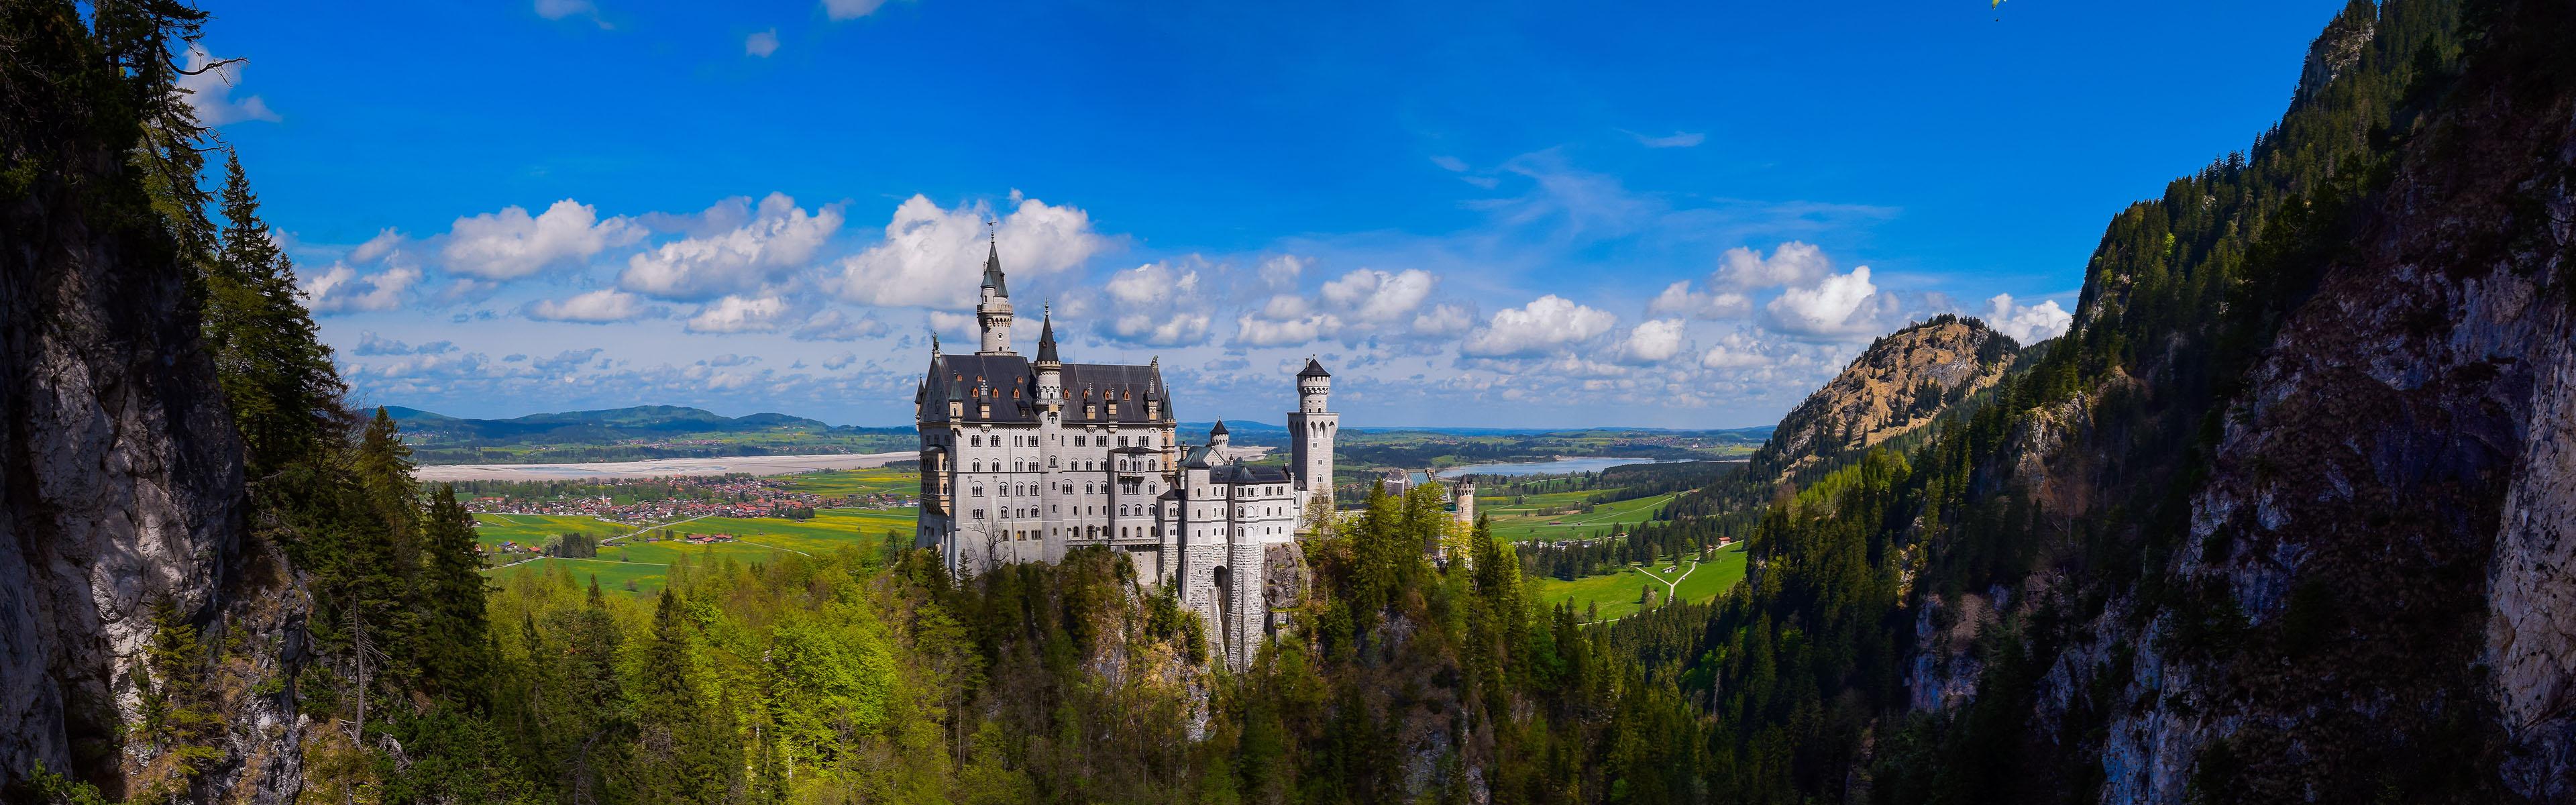 德国新天鹅堡